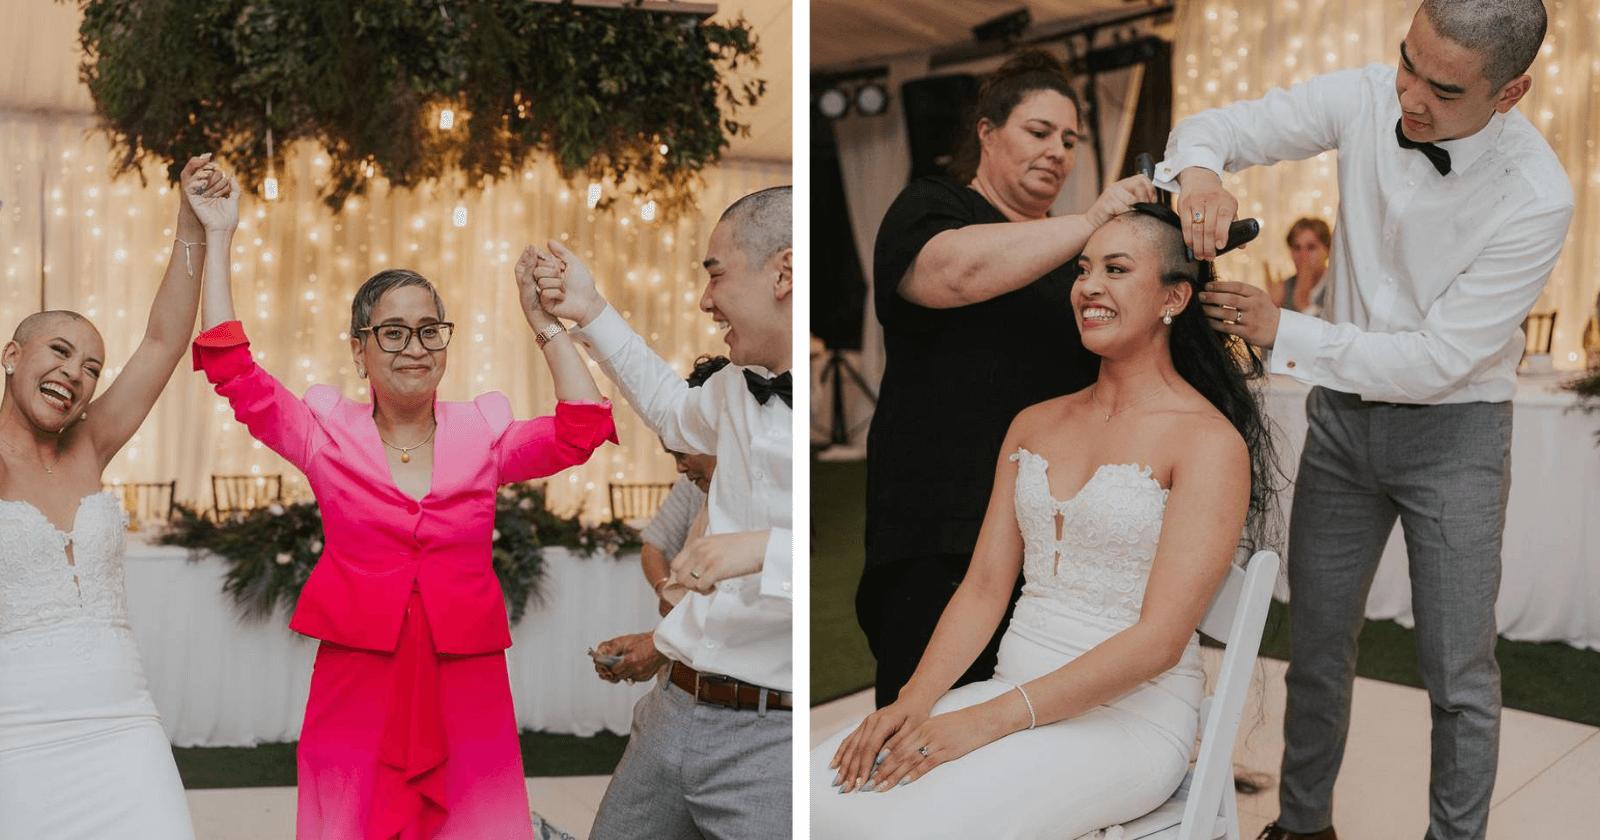 EMOCIONANTE: Casal homenageia mãe do noivo e raspa cabeça na festa de casamento